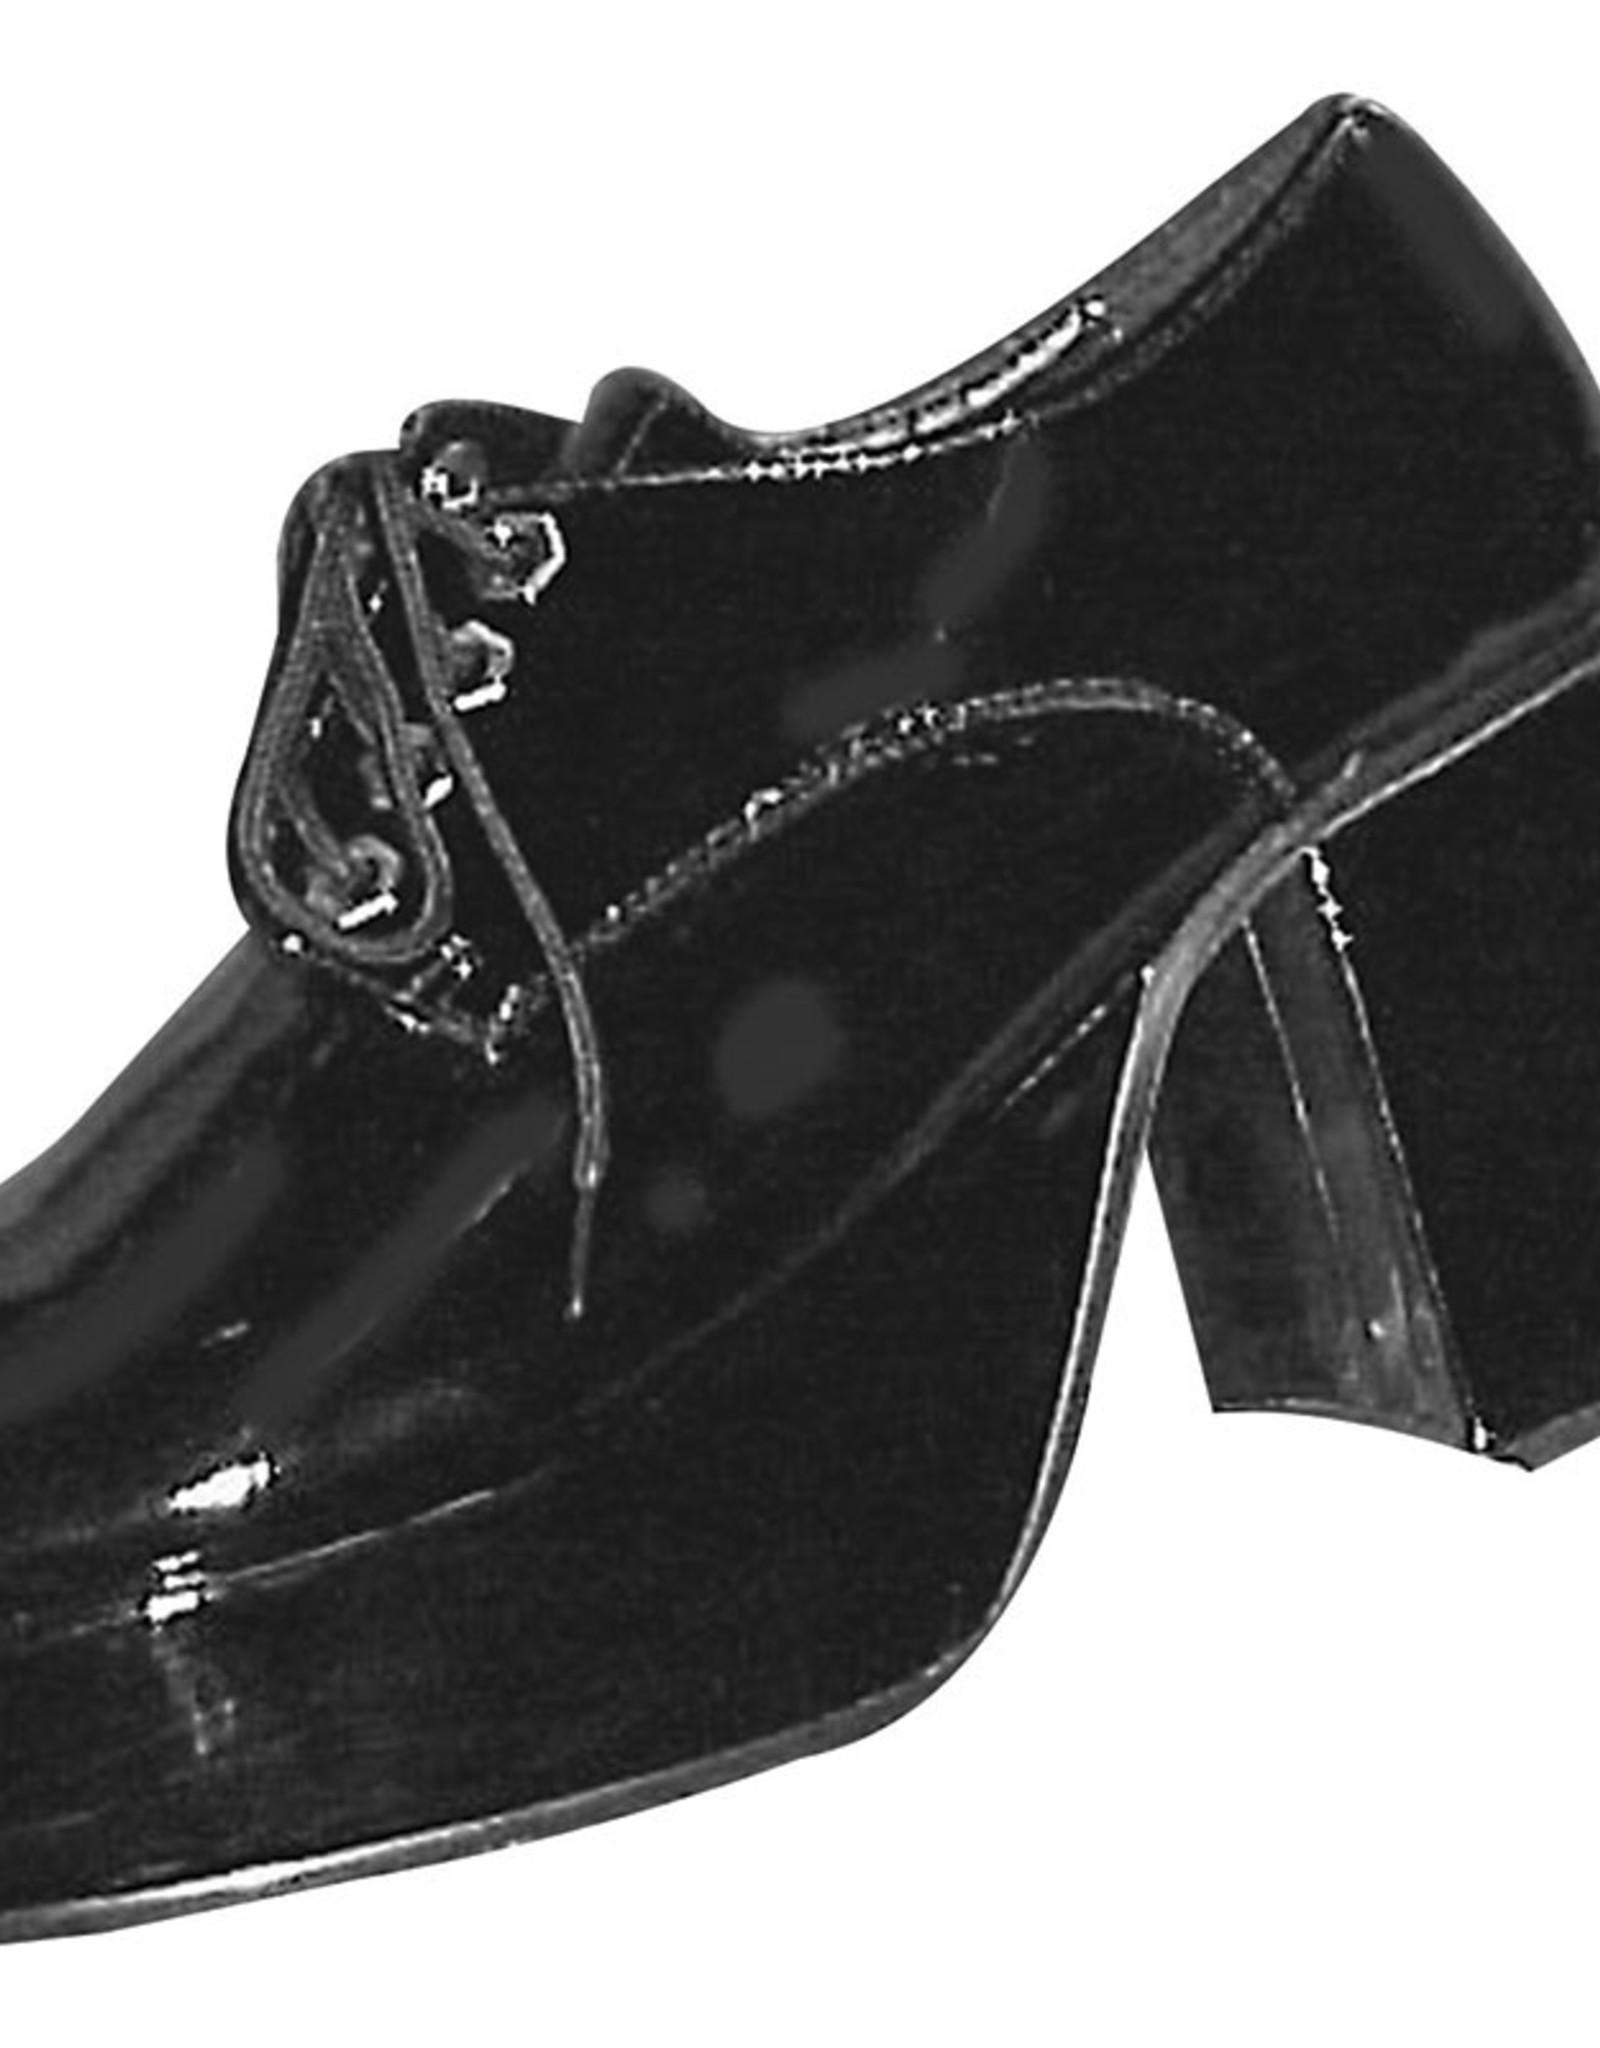 Bristol Novelty Ltd. platformschoenen zwart 44-45 huurprijs 20